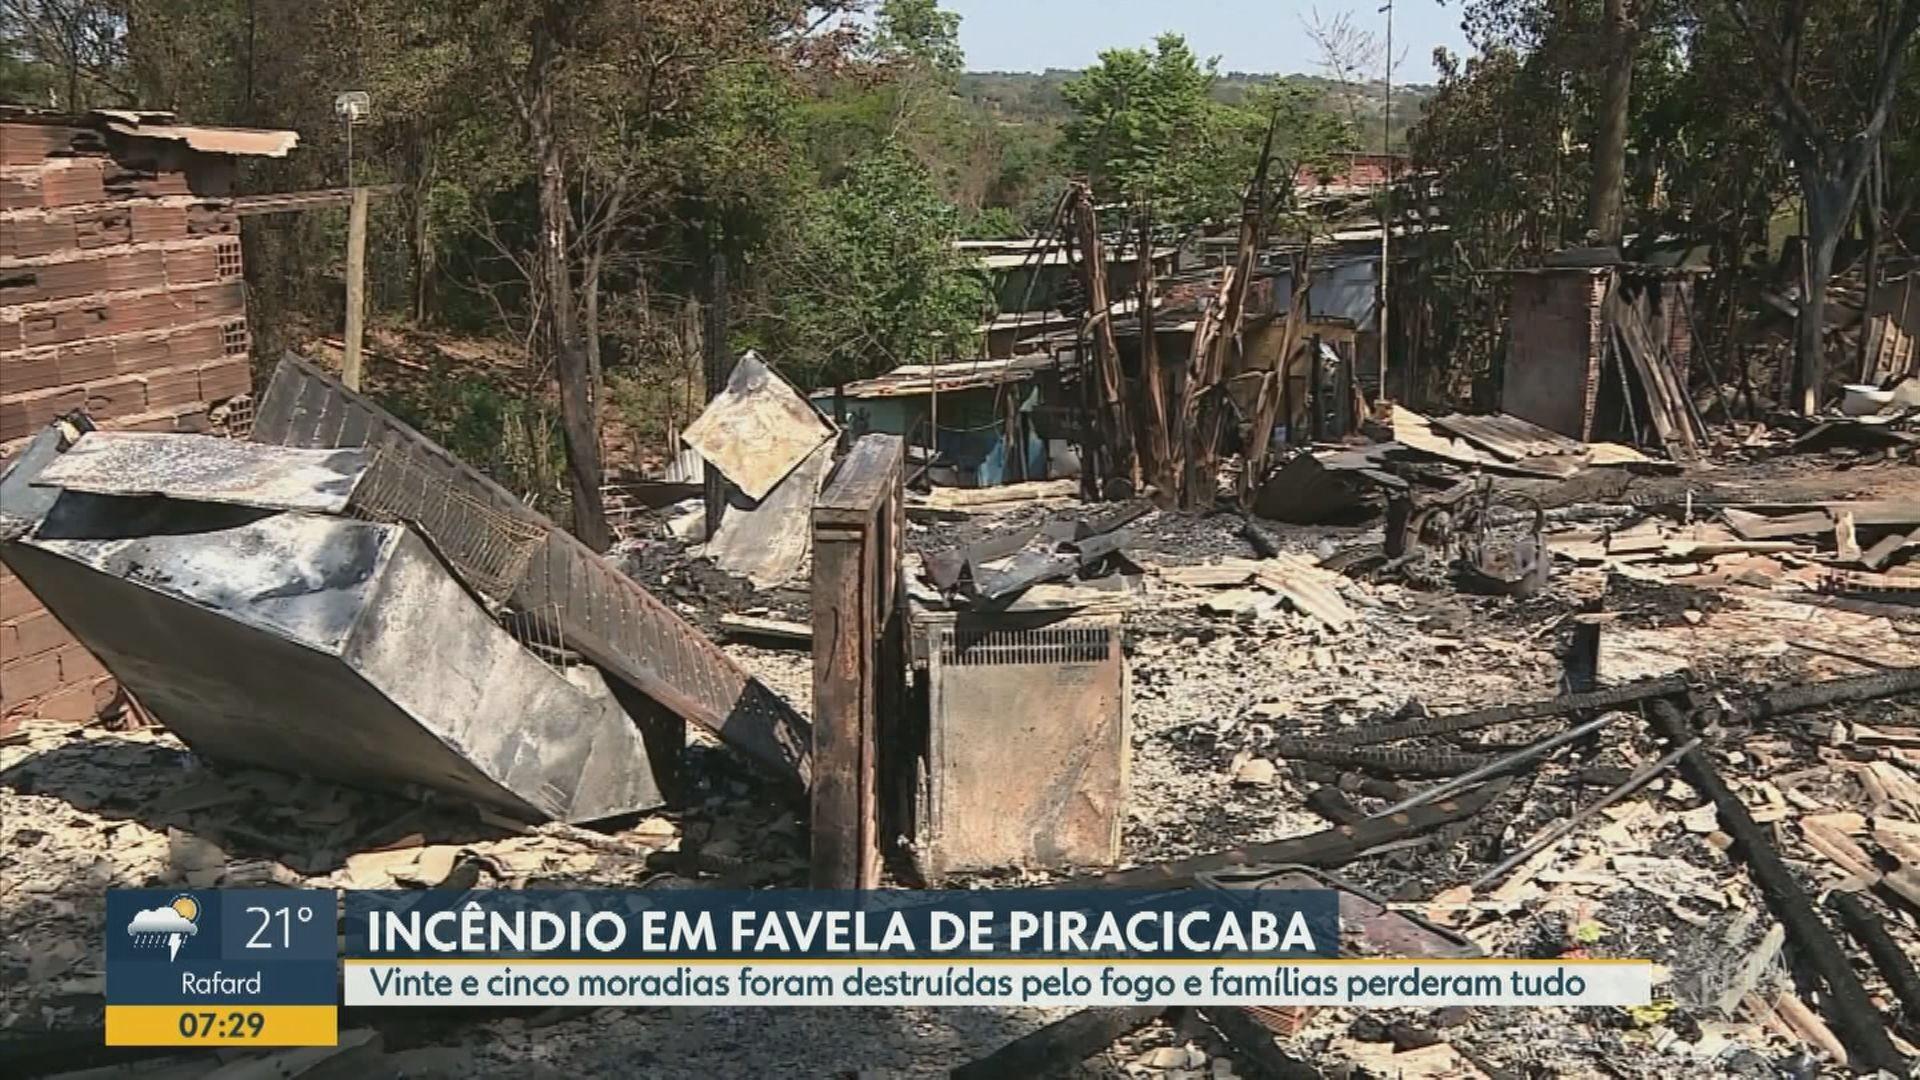 VÍDEOS: Bom Dia Cidade Ribeirão Preto de segunda-feira, 14 de outubro - Notícias - Plantão Diário